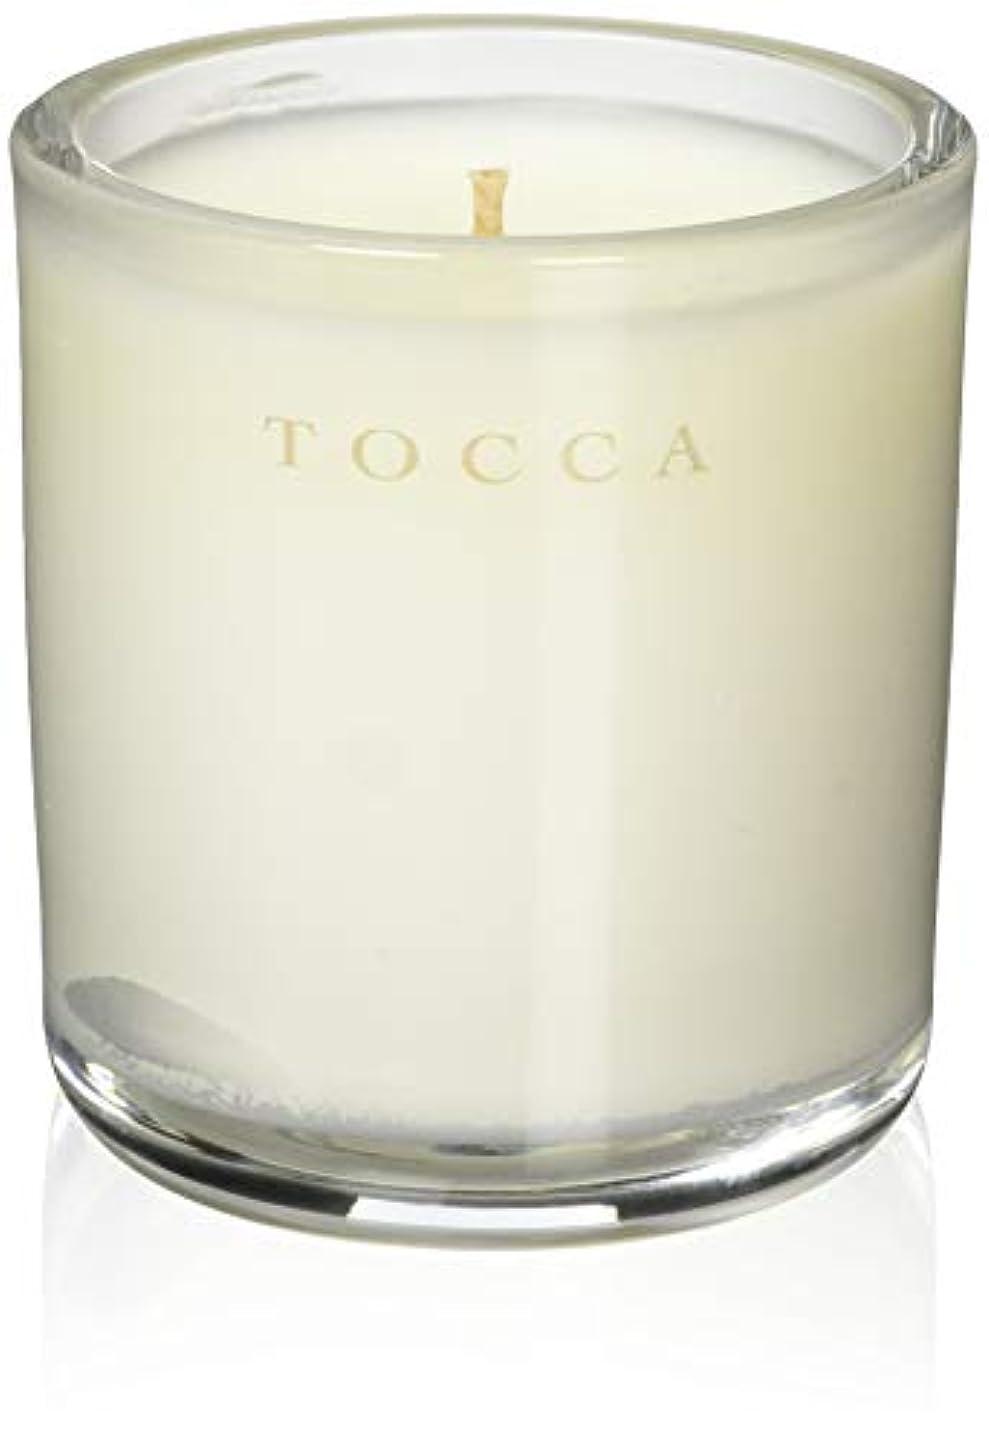 スピーカー連合主張するTOCCA(トッカ) ボヤージュ キャンデリーナ モントーク 85g (ろうそく 芳香 キューカンバーの爽やかな香り)